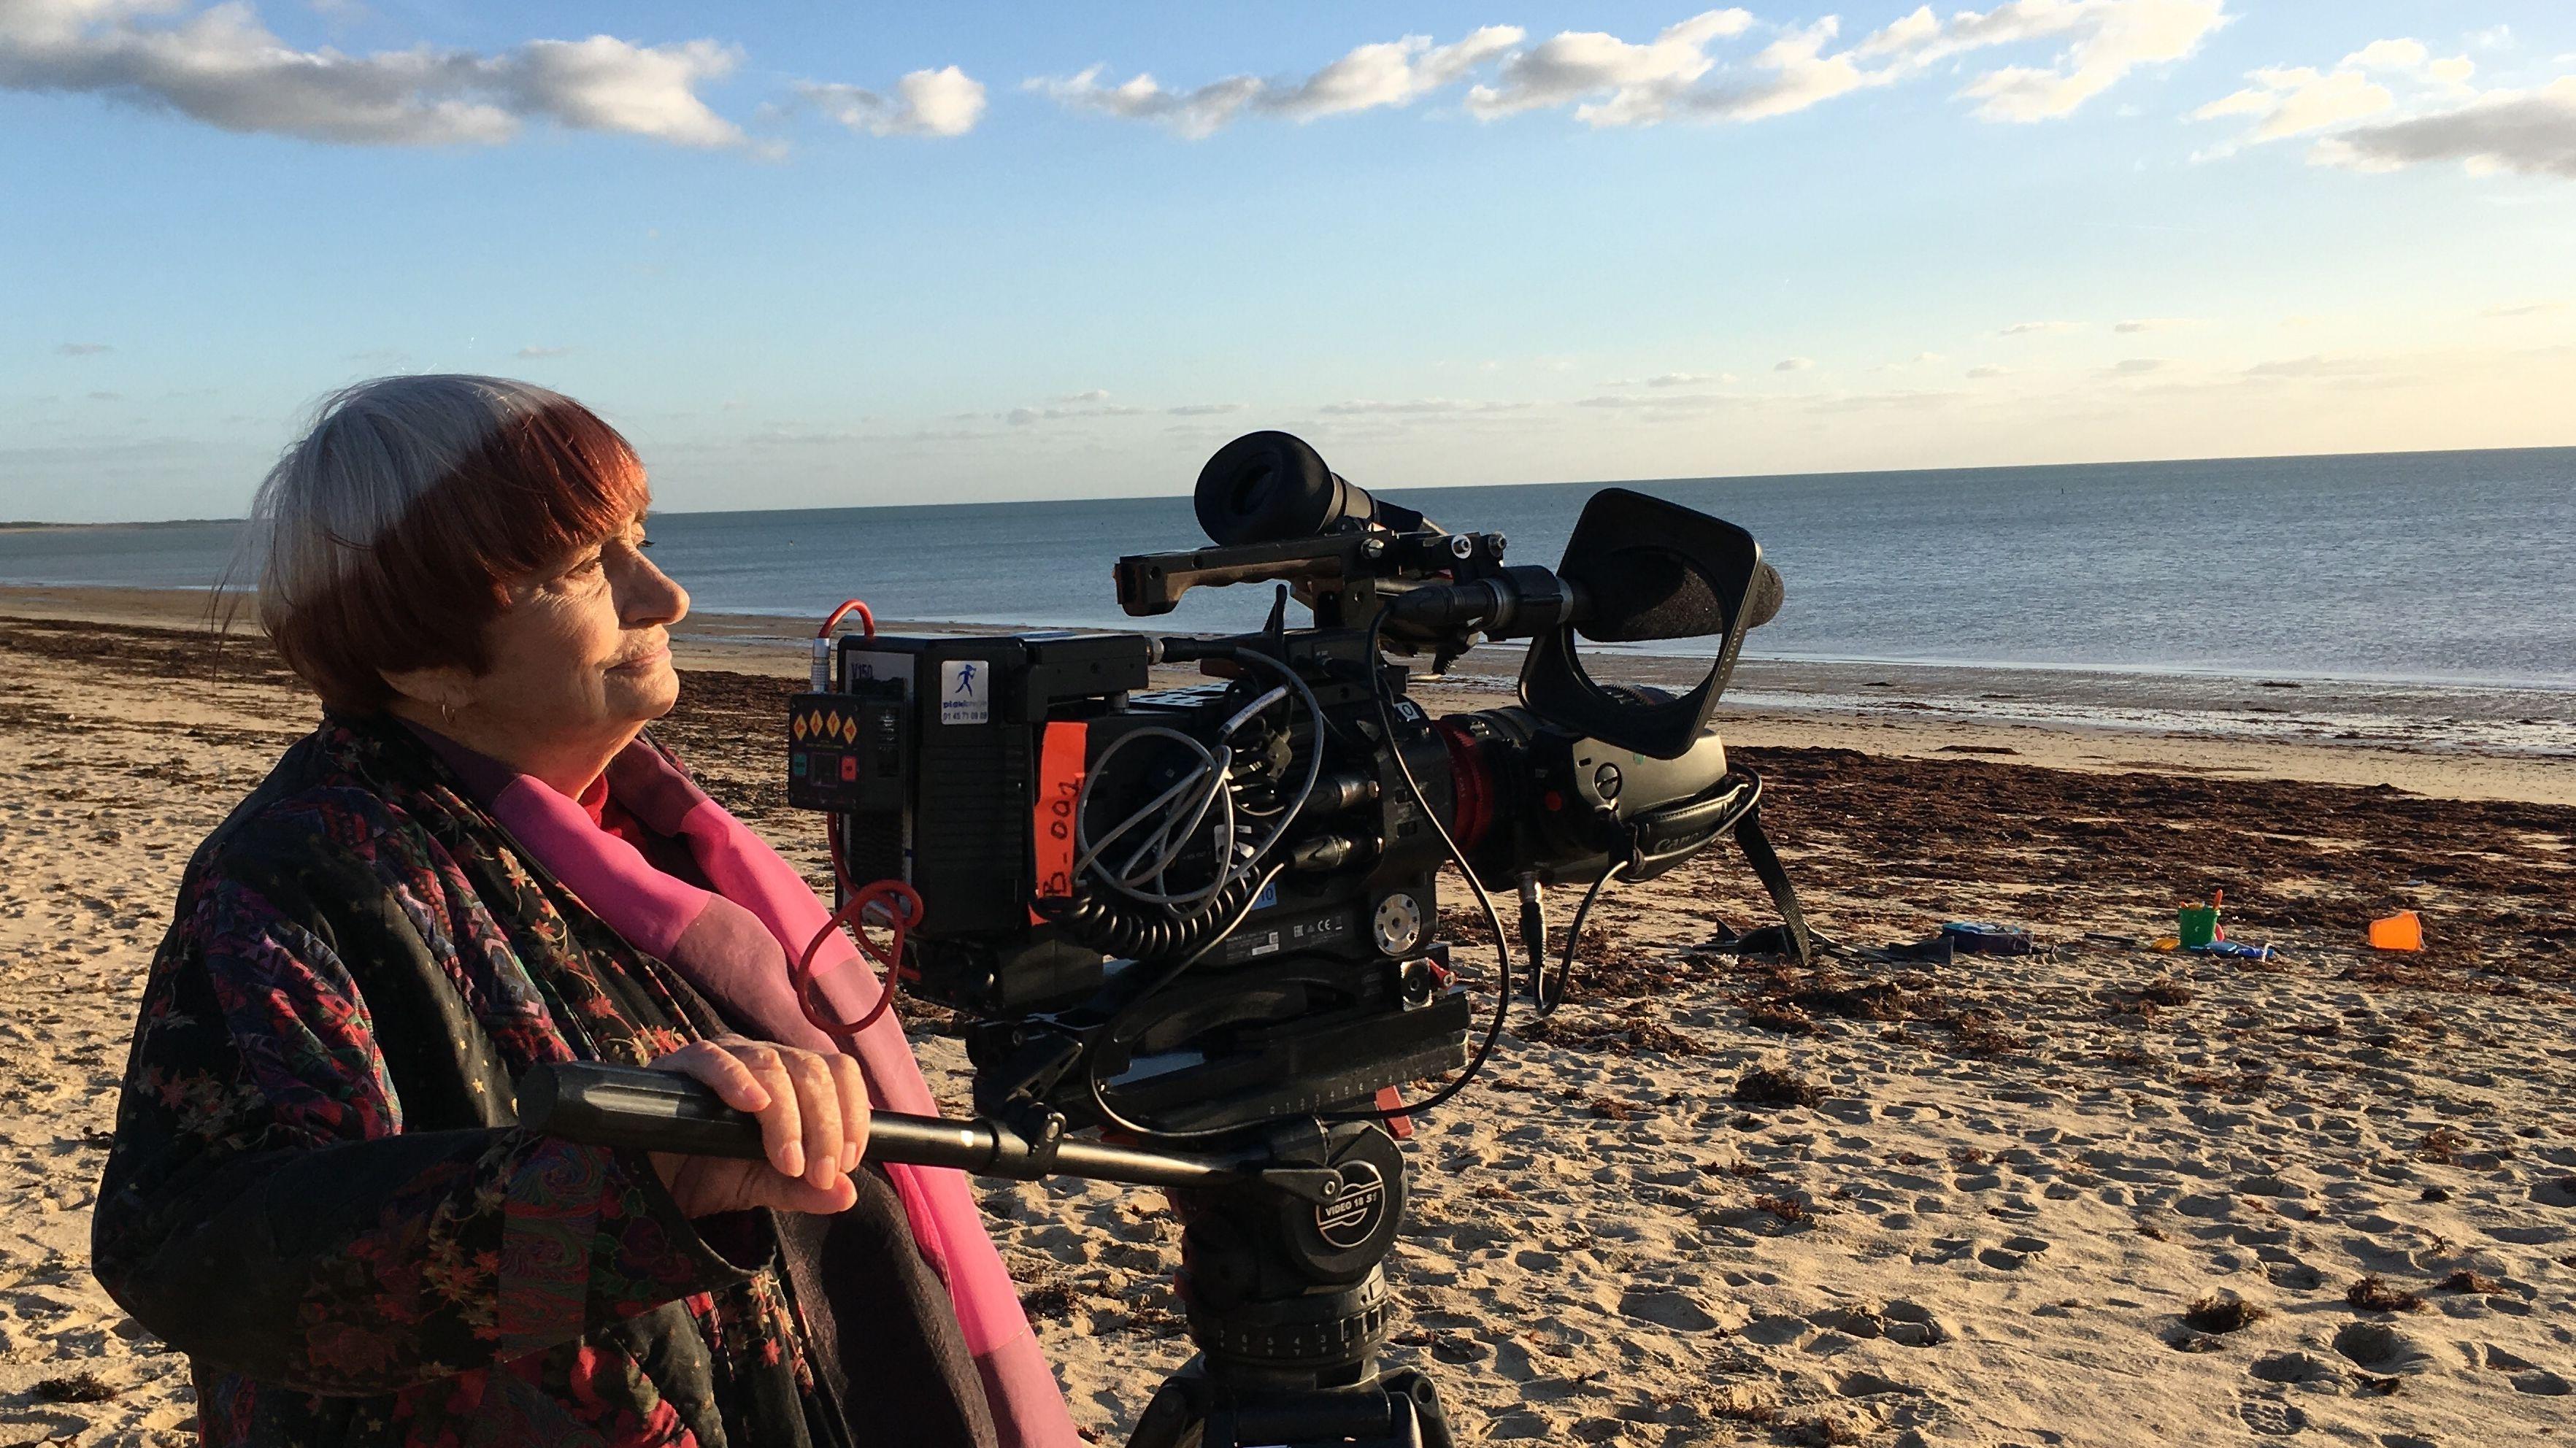 Regisseurin Agnès Varda dreht an einem Strand, die Kamera ist aufs Meer gerichtet